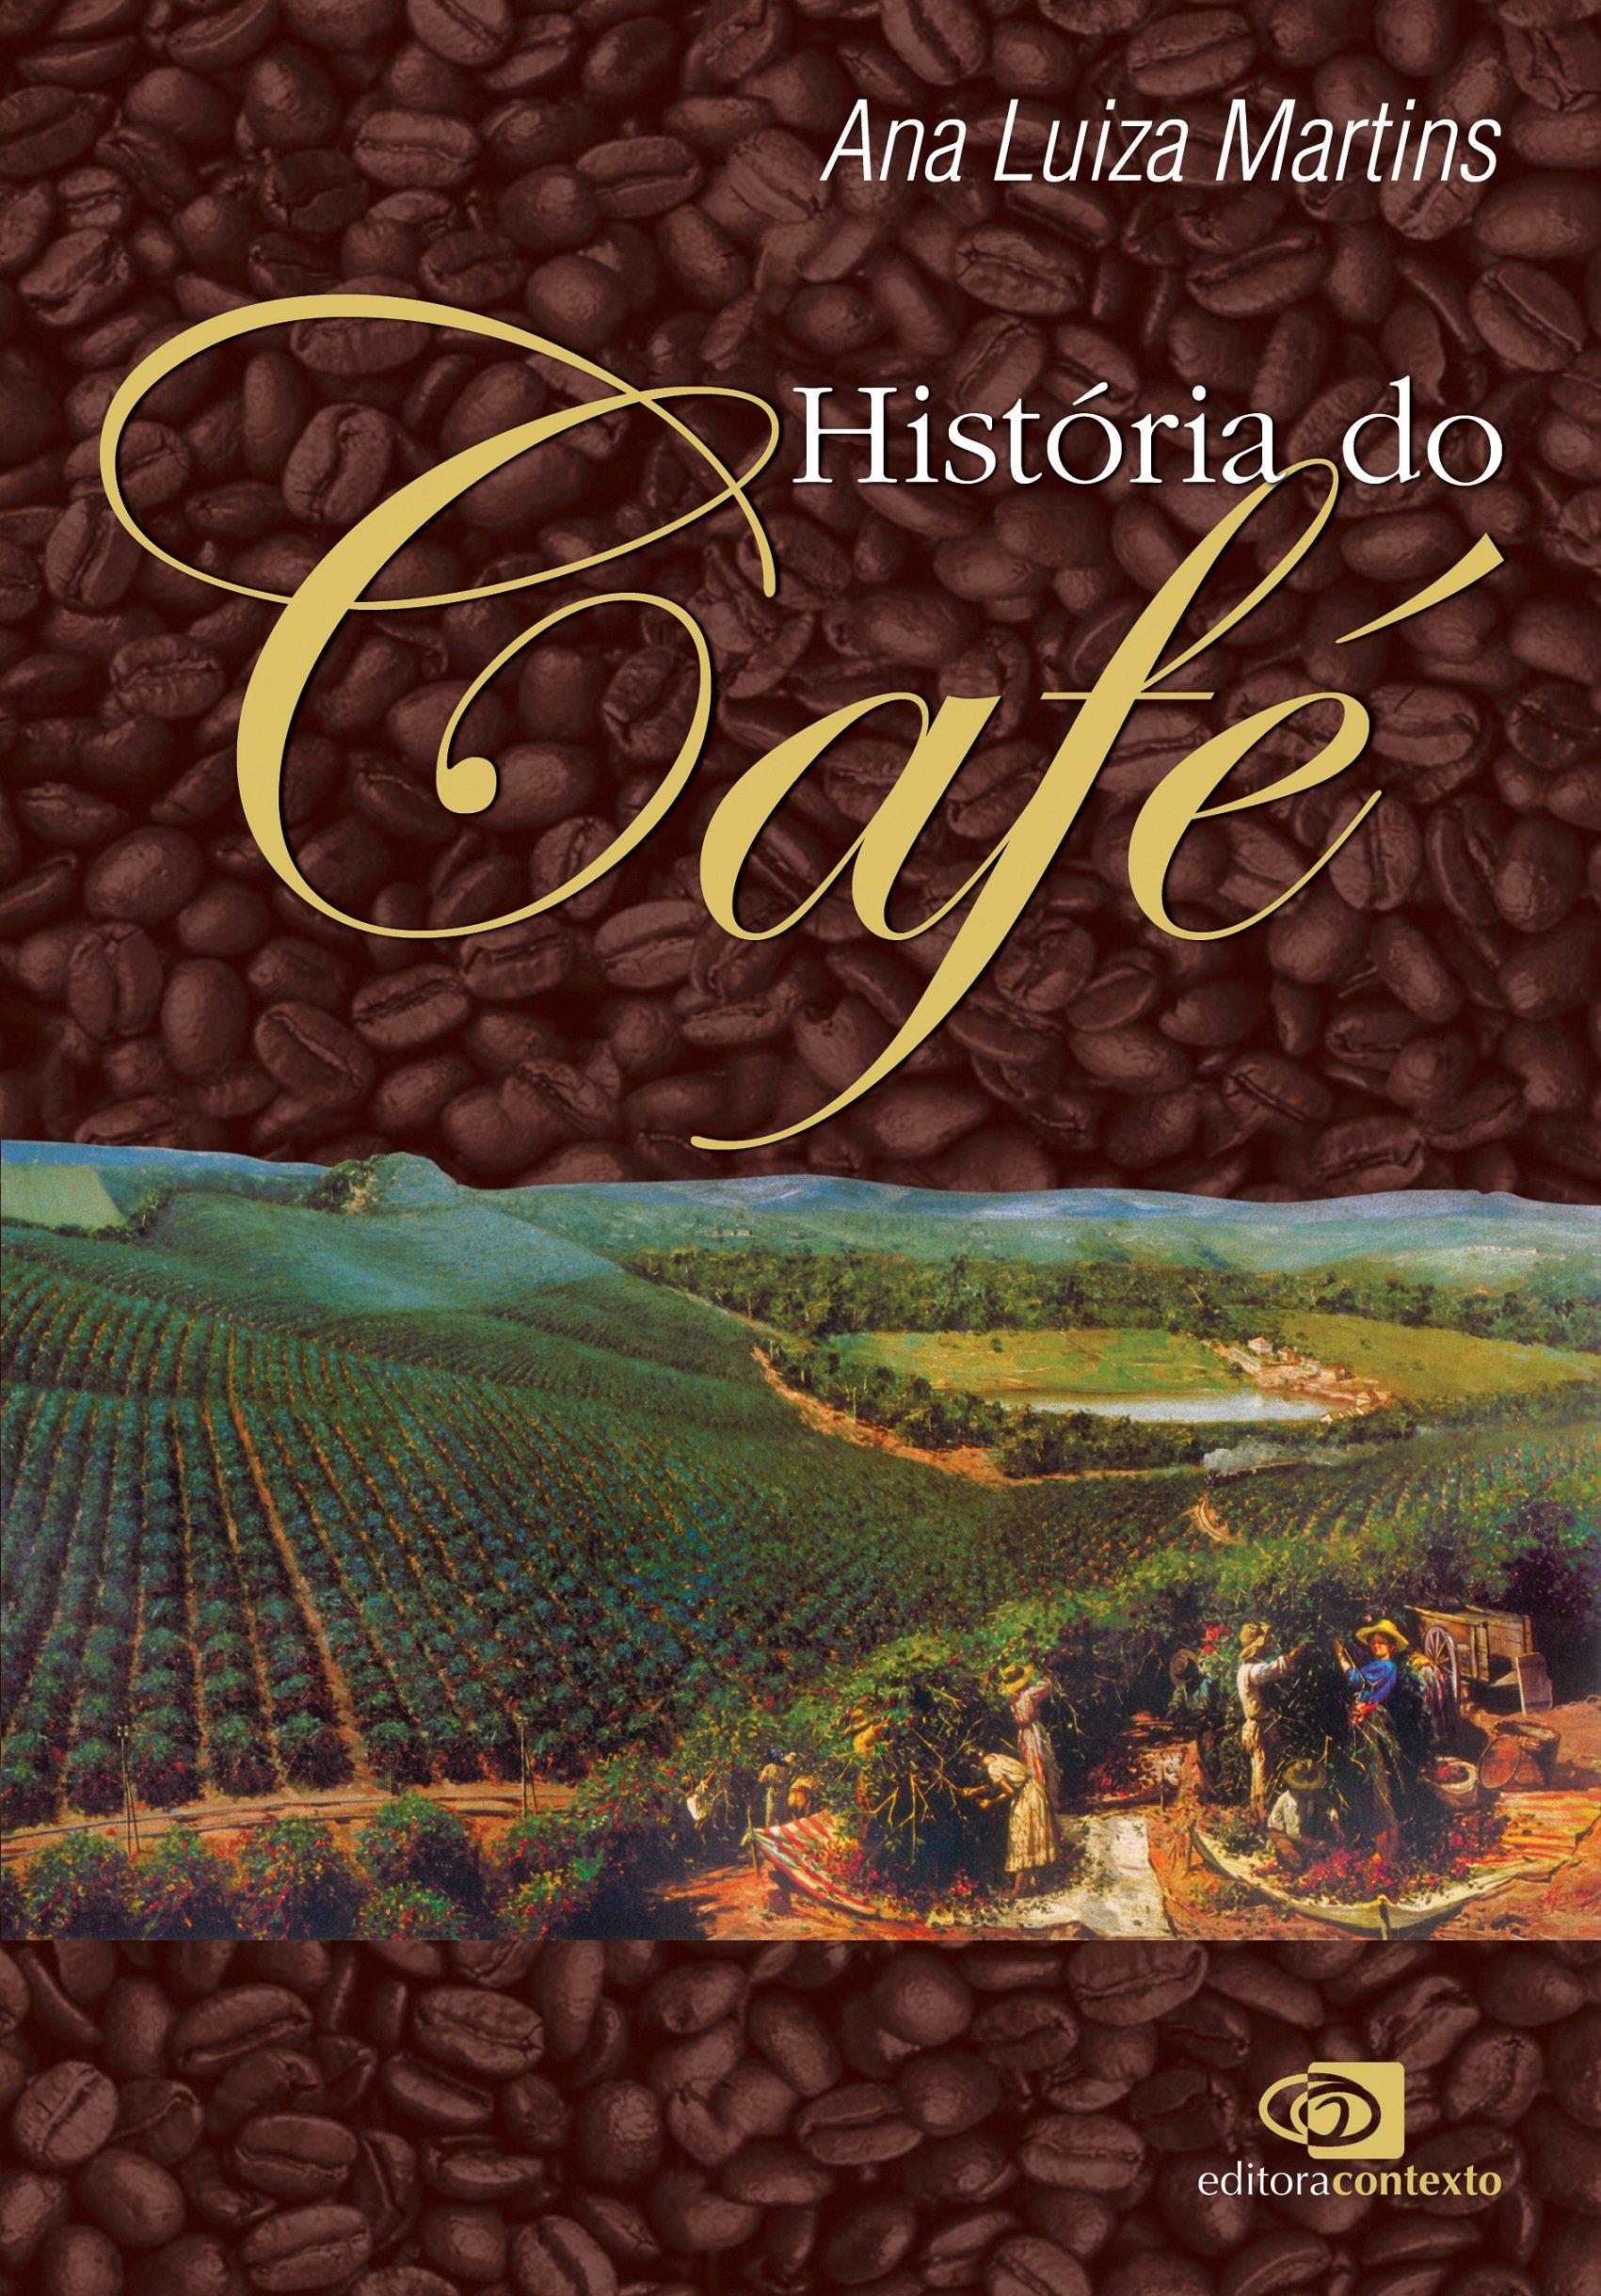 Historia do Cafe